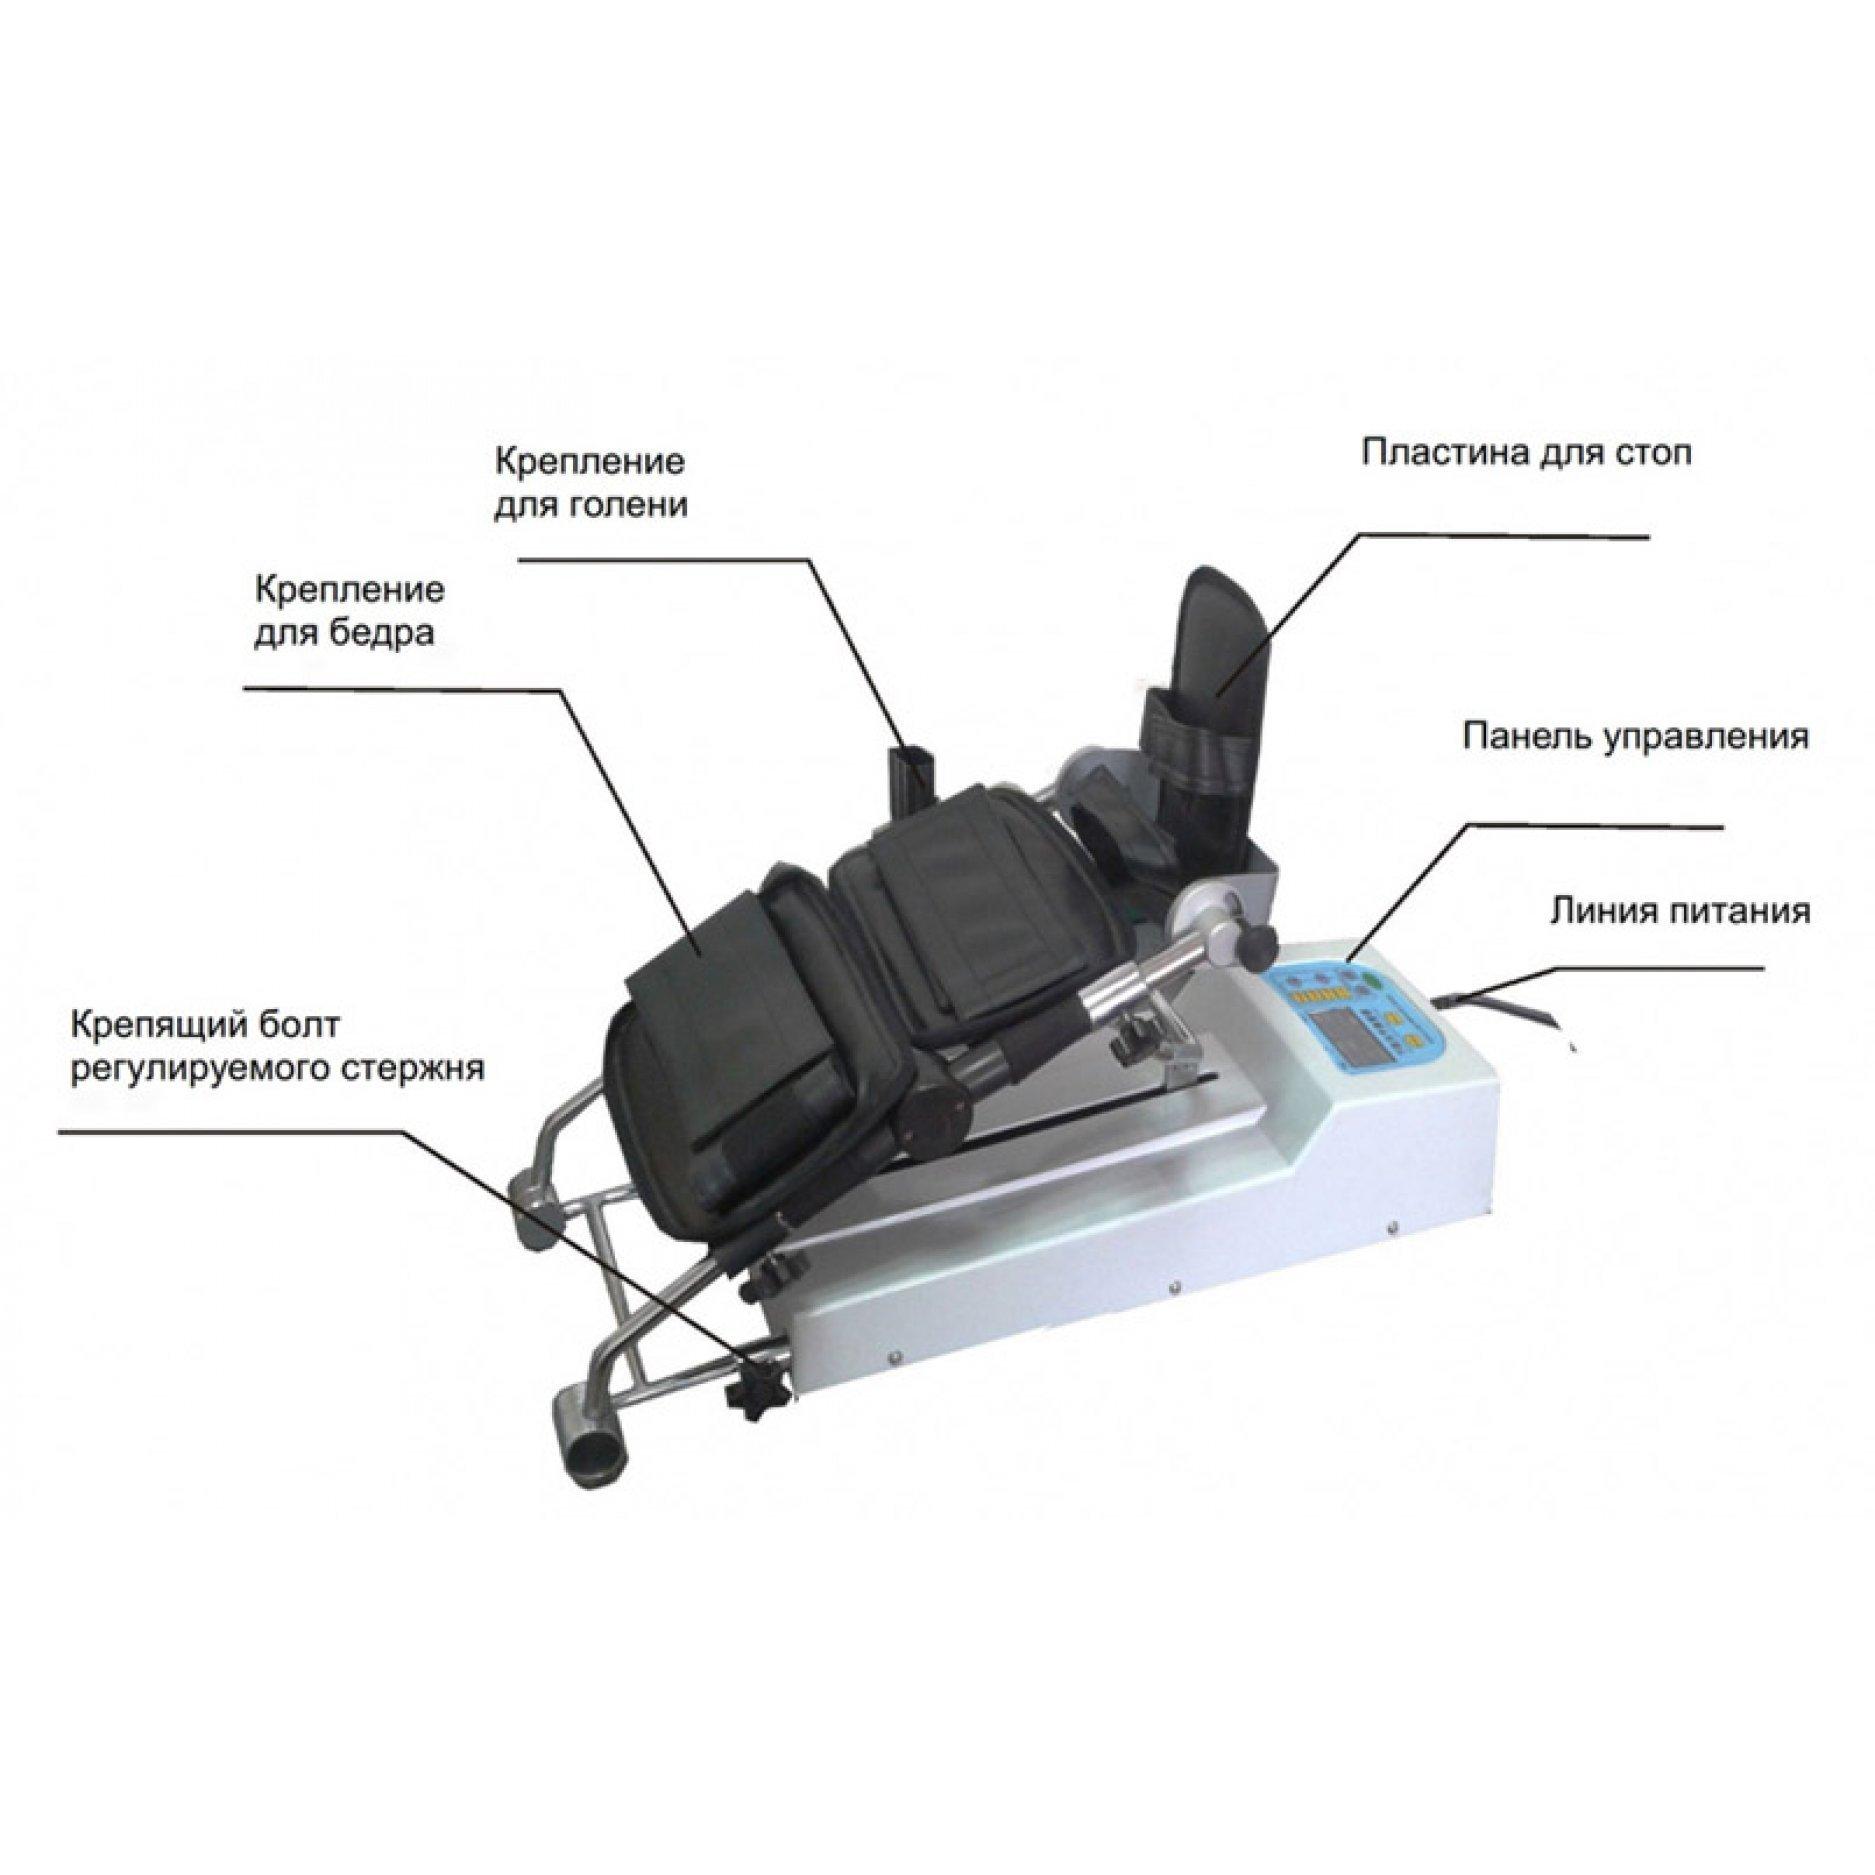 Механический восстановительный тренажер для ног TITAN LY-906